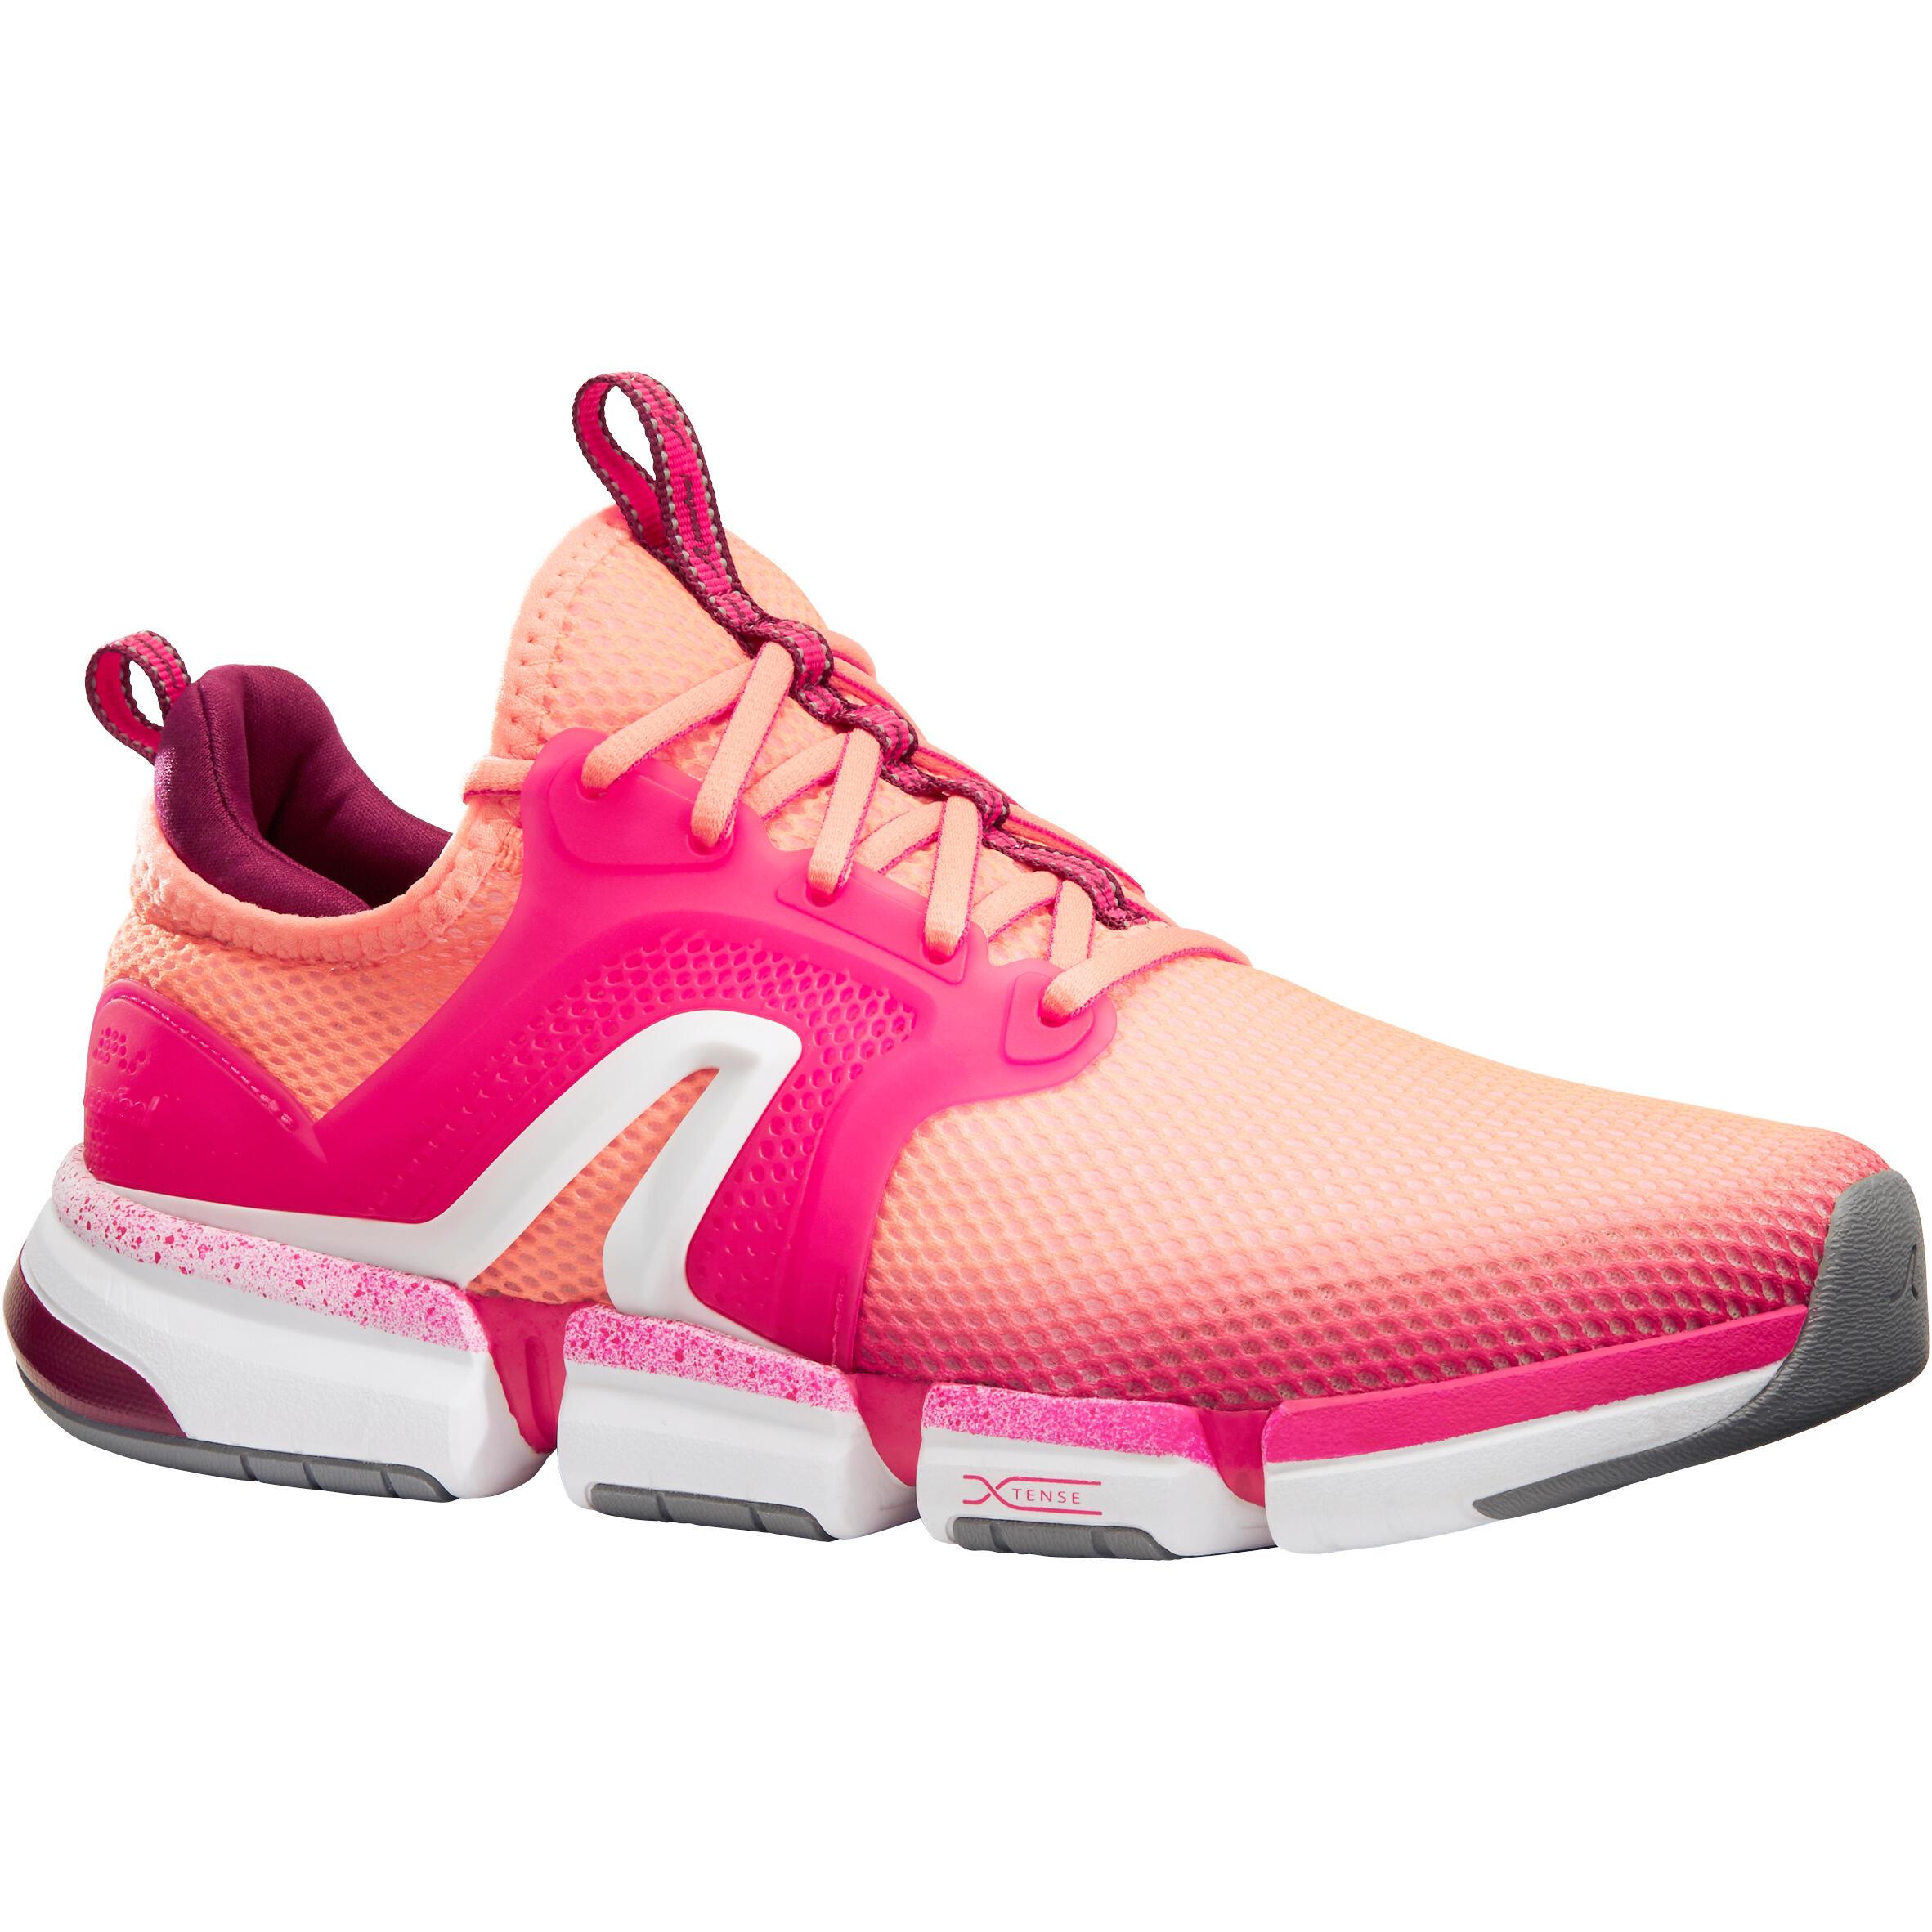 Newfeel Damessneakers PW 590 Xtense koraalrood/roze